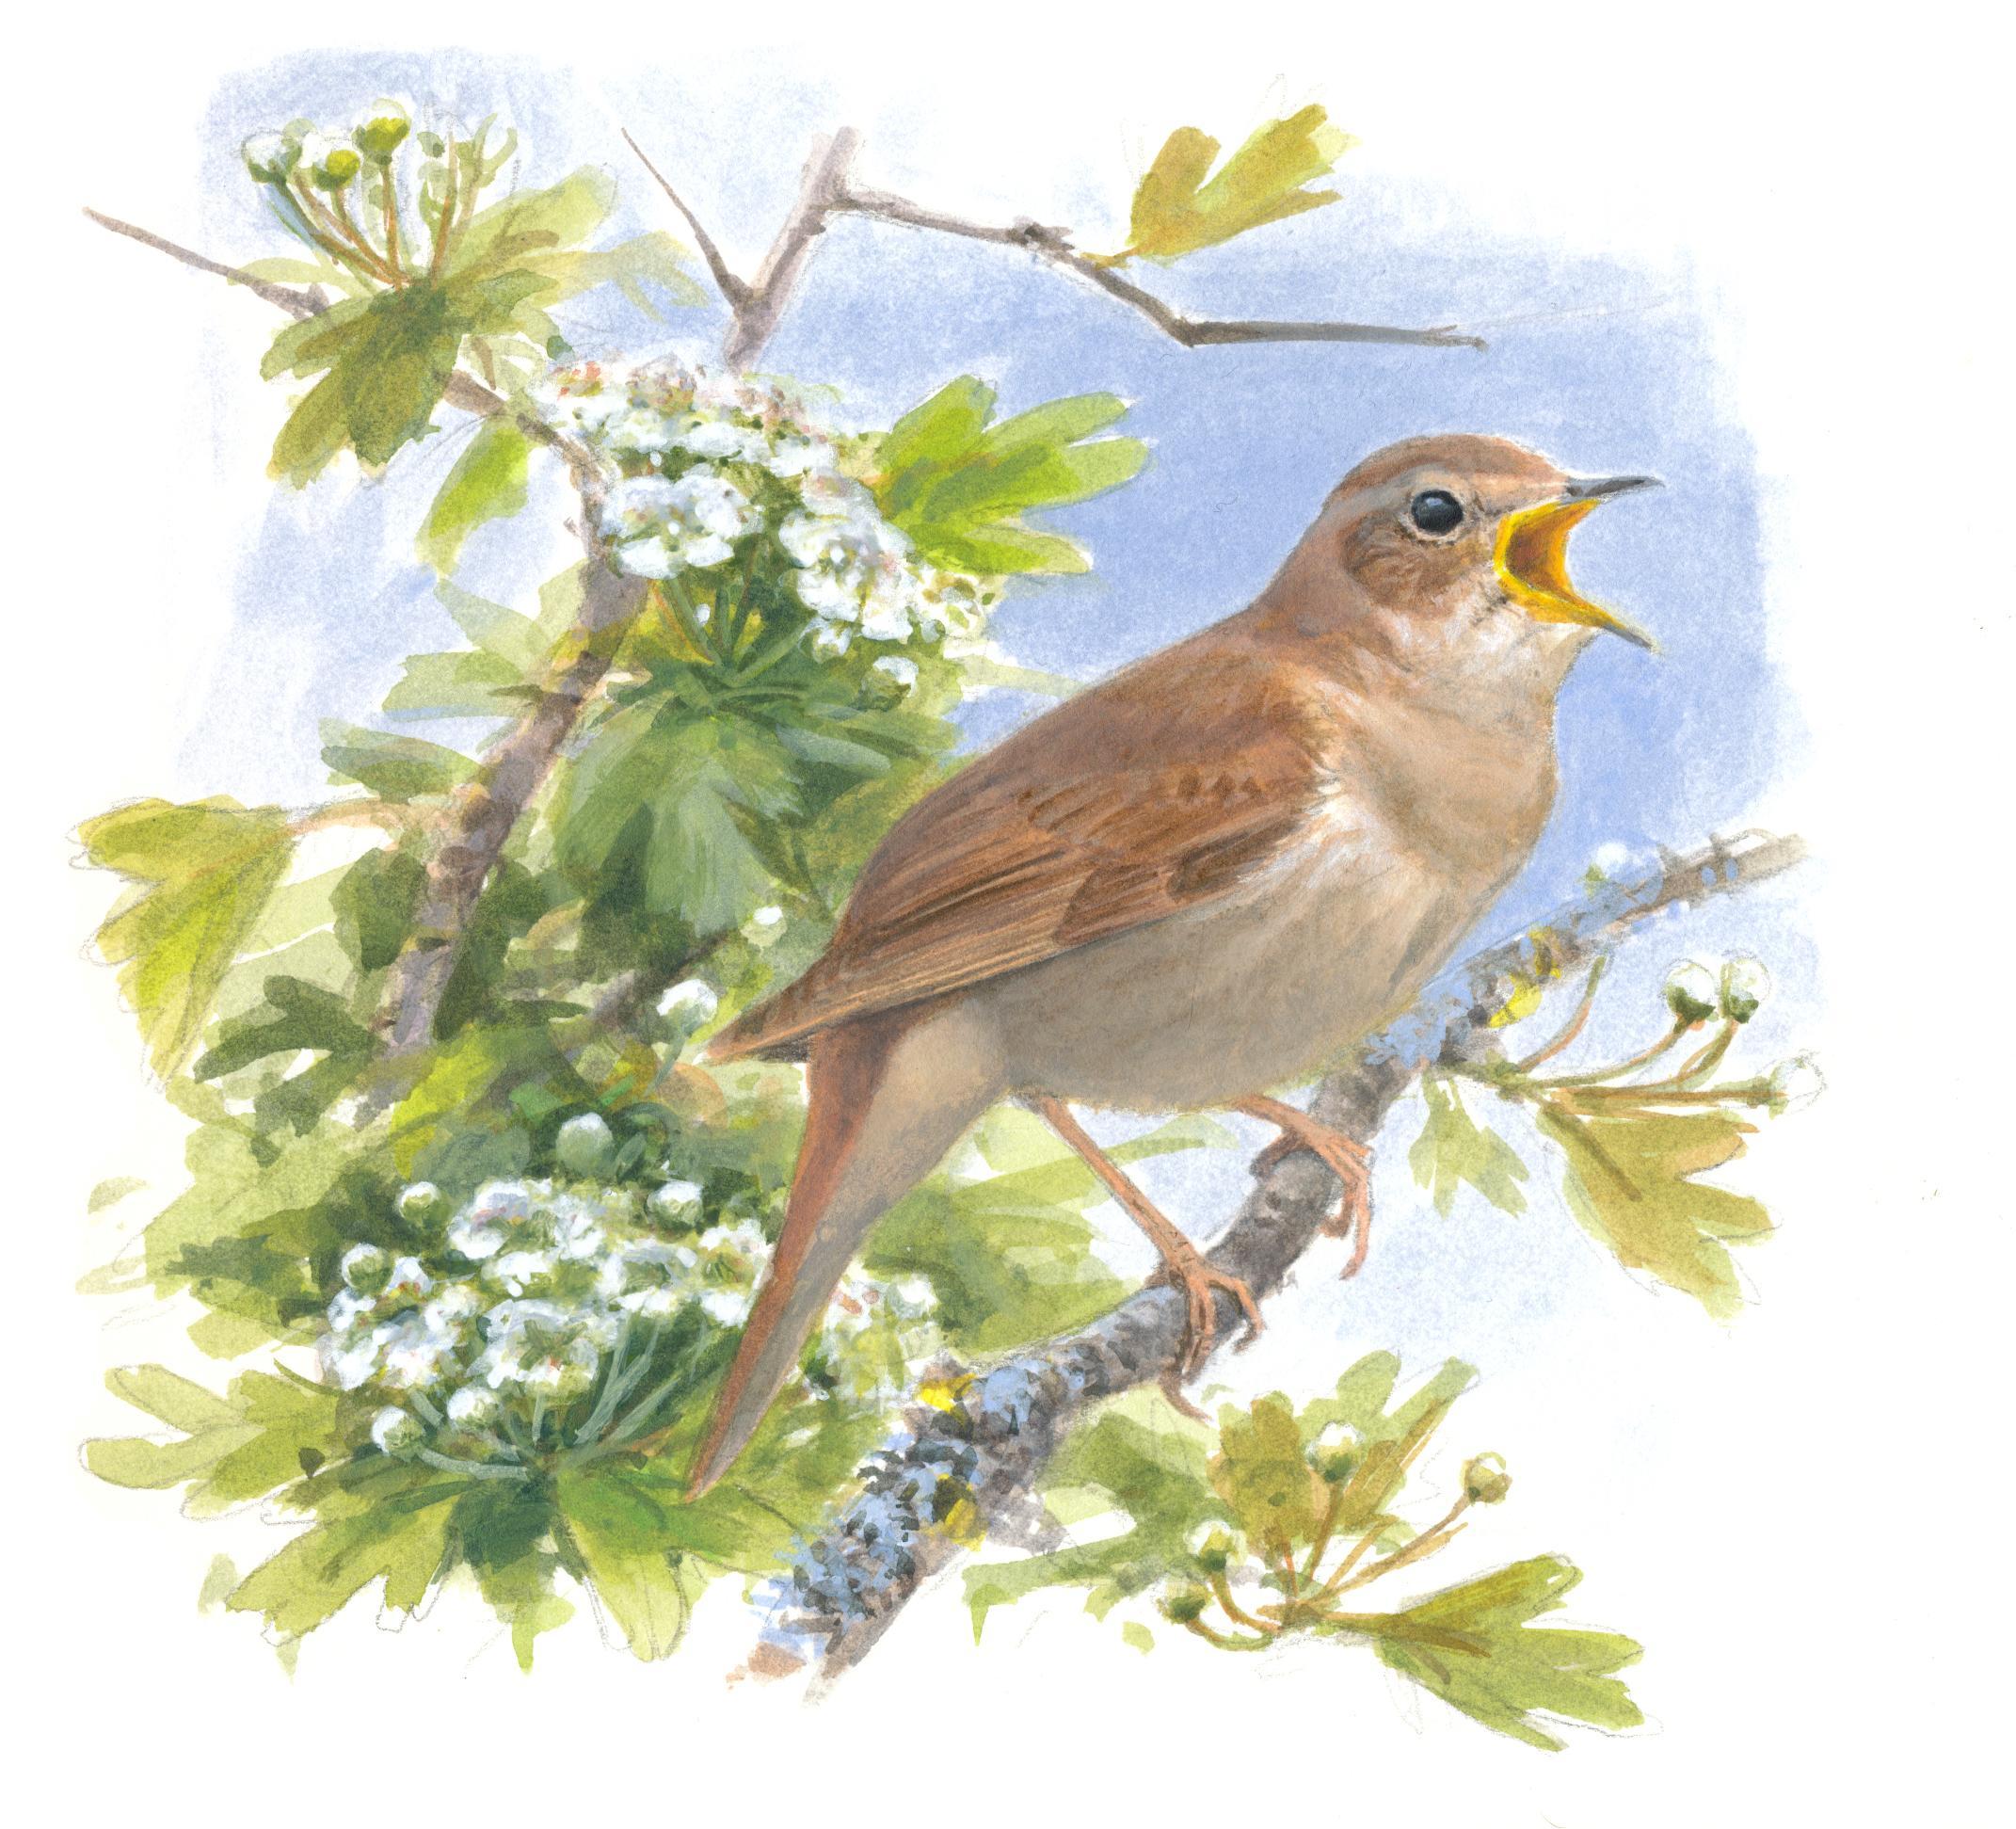 De nachtegaal, een onopvallende vogel, maar met onvoorstelbaar krachtige zang